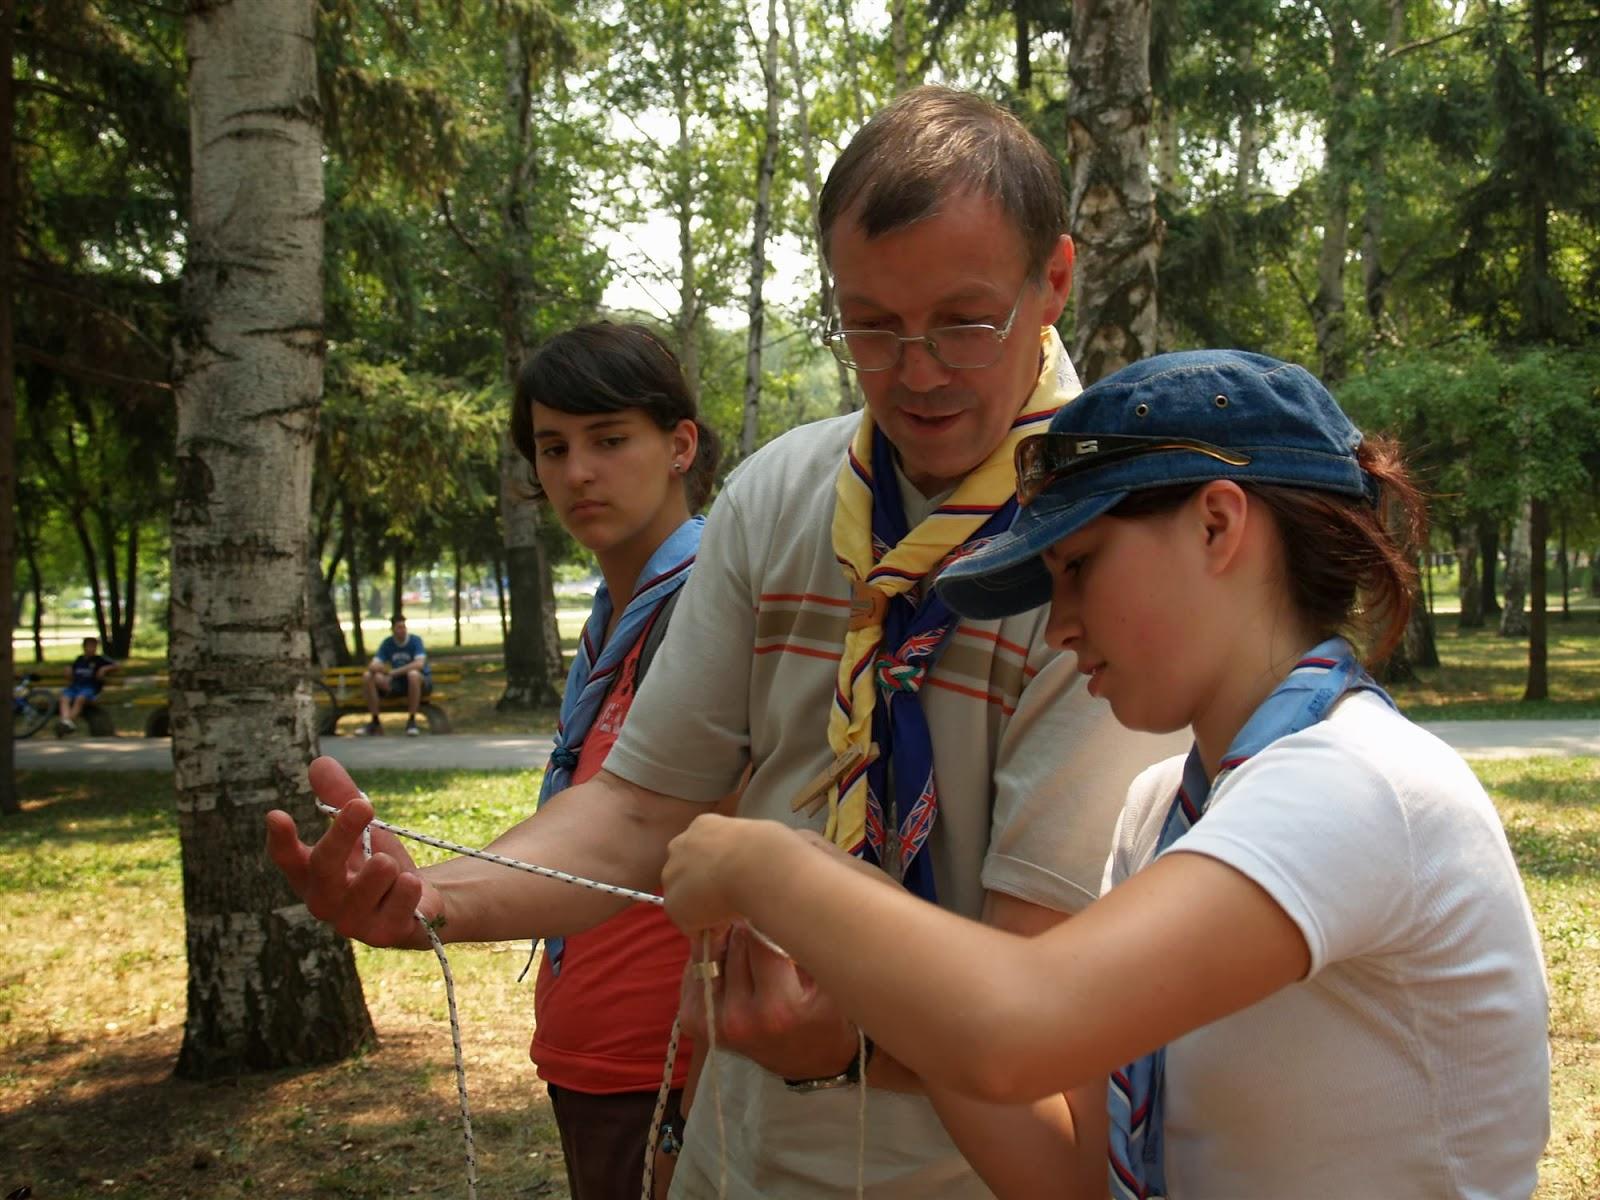 Smotra, Smotra 2006 - P0251898.JPG